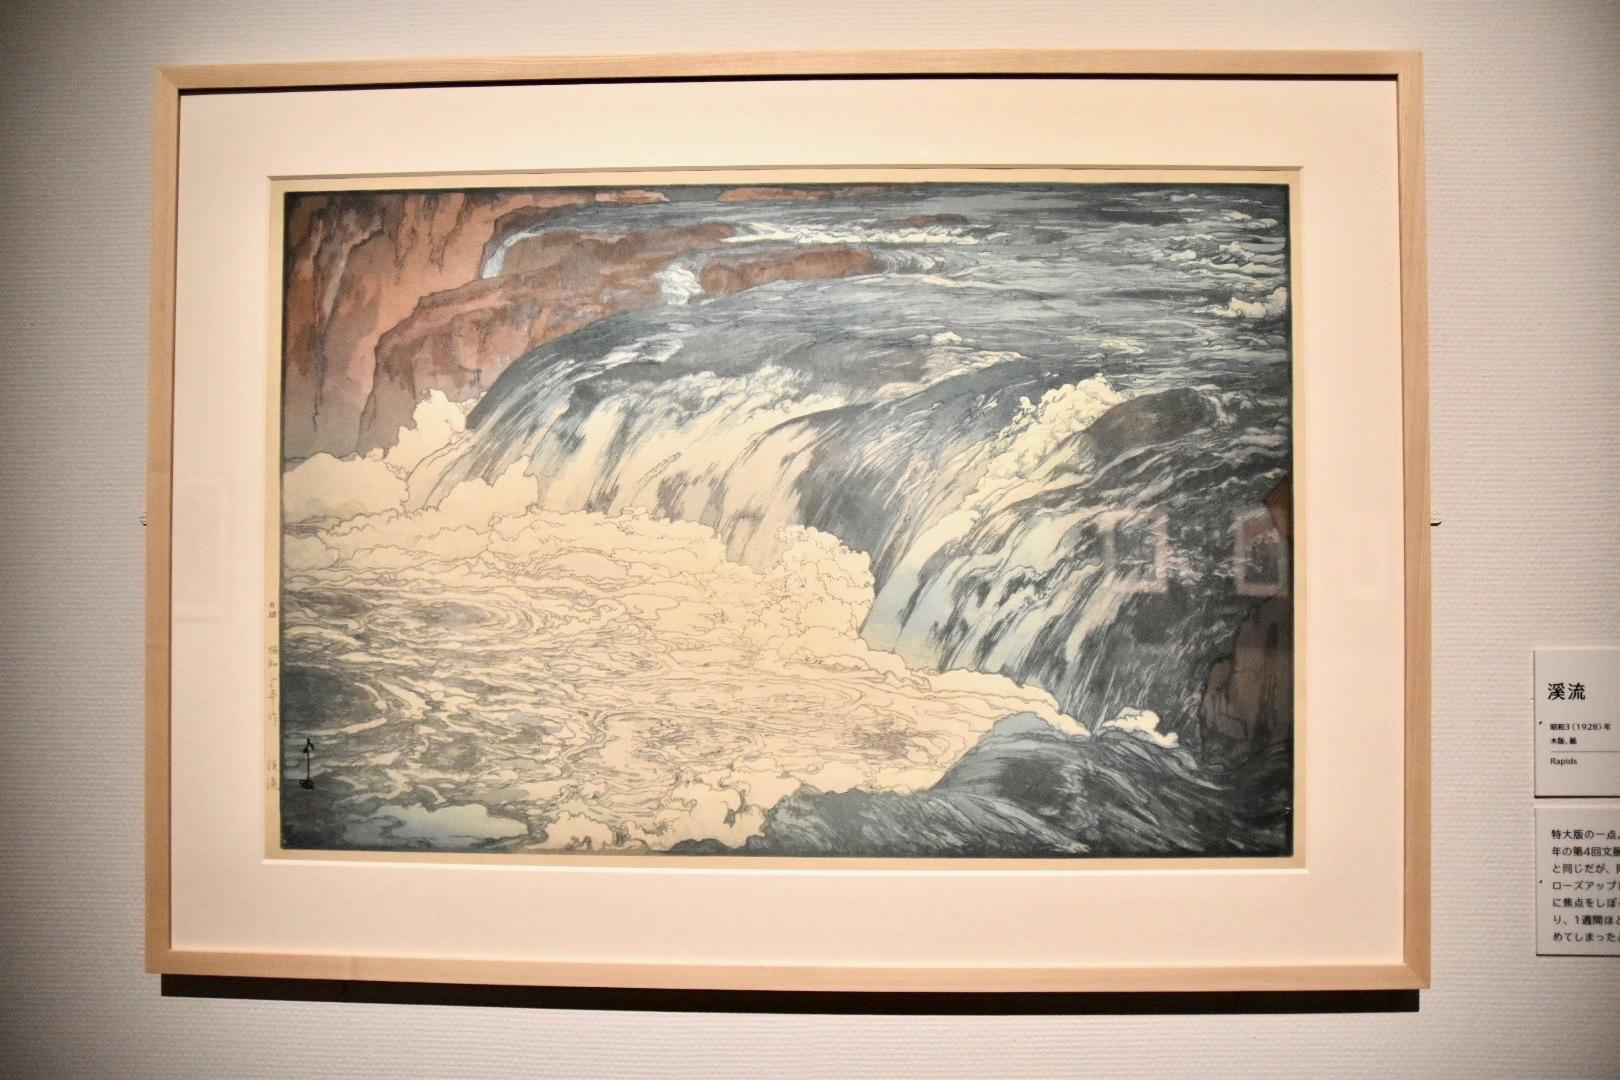 《溪流》1928年  特大版の木版画《溪流》の水の流れは、吉田自らが版木を彫っている。